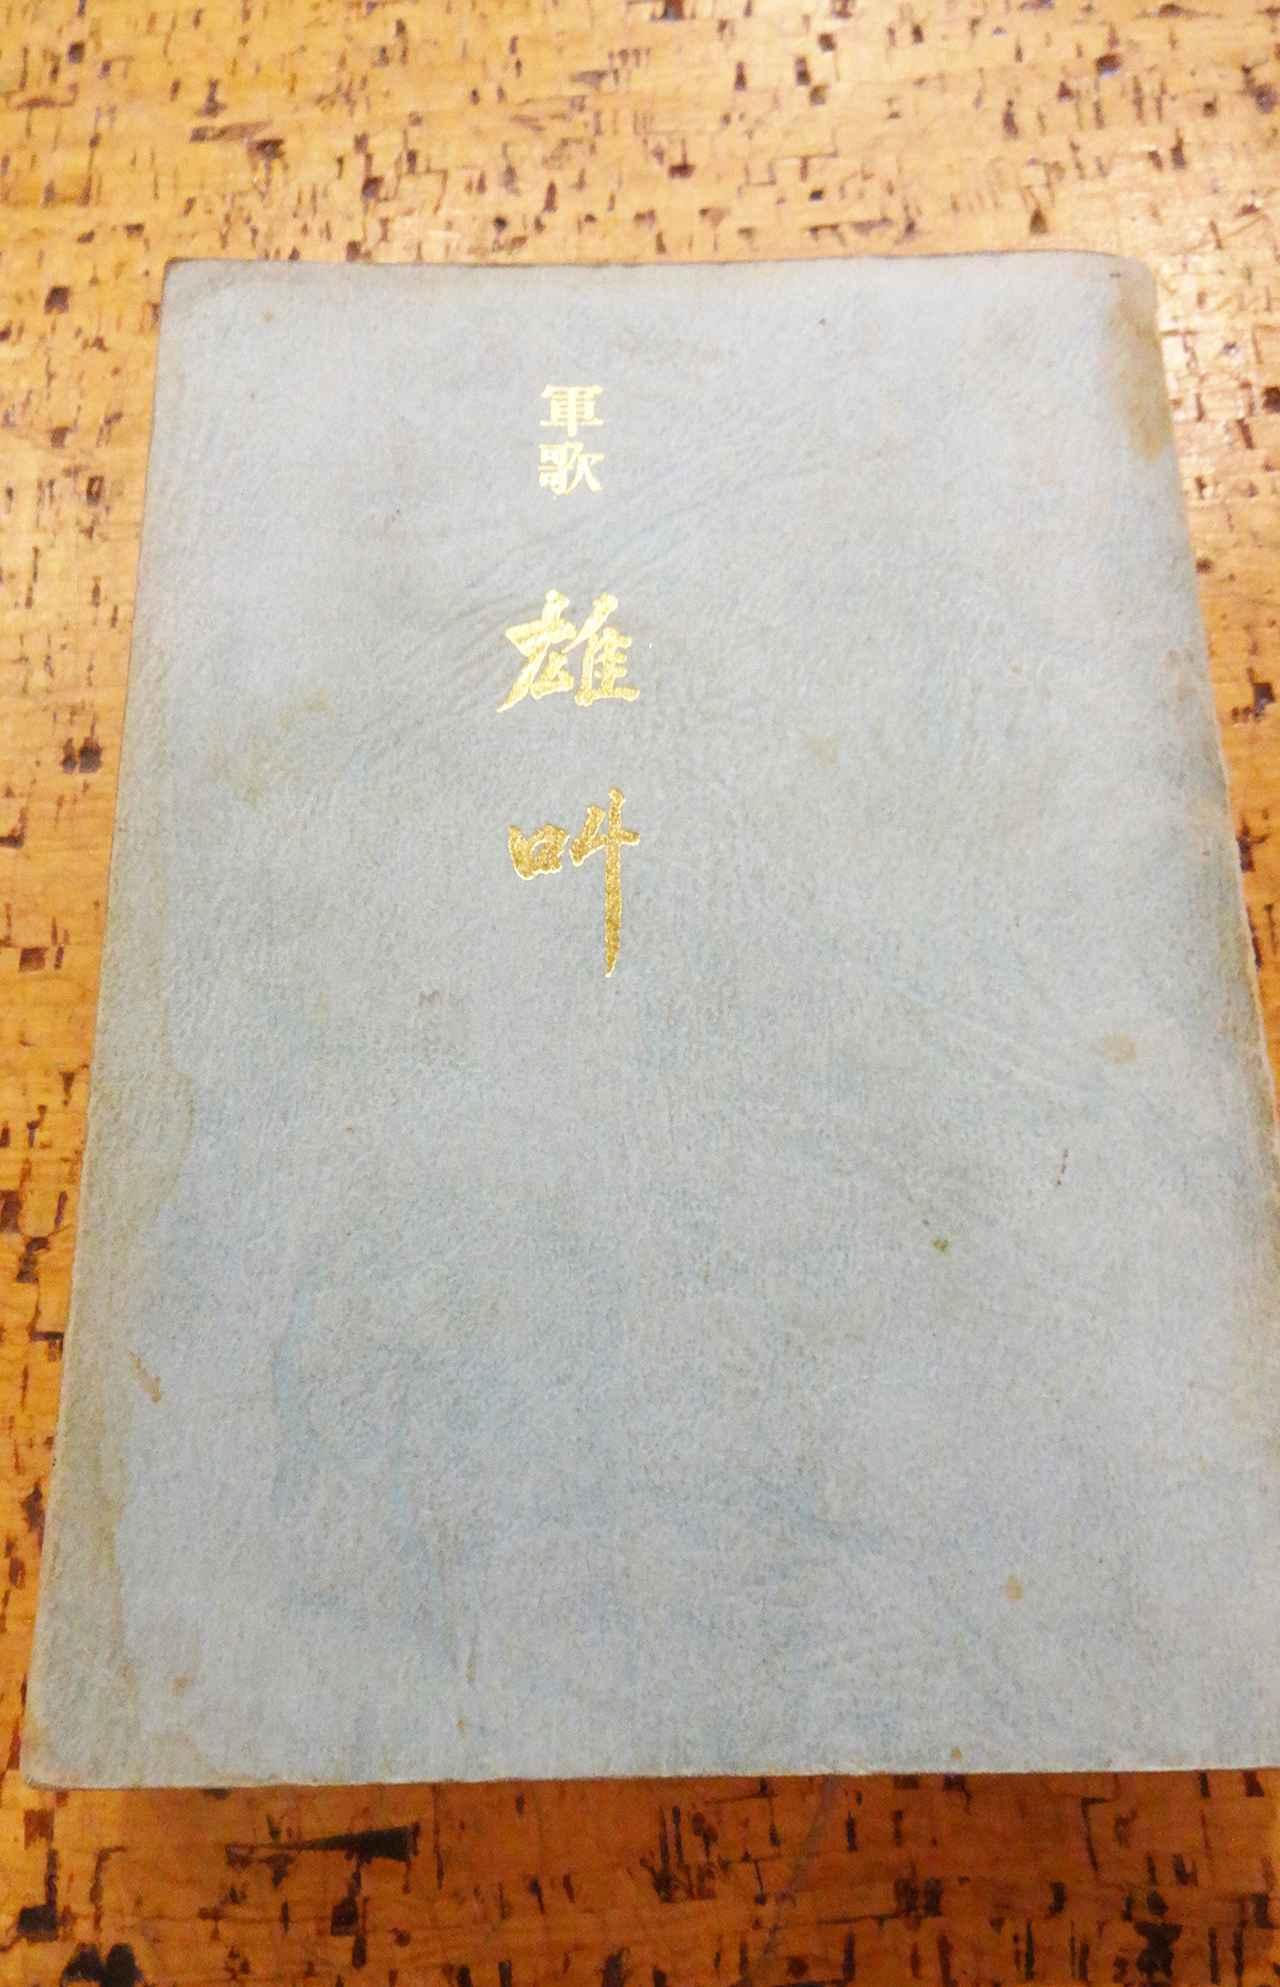 画像1: 永遠の図書室通信 第23話「軍歌・俳句・和歌・用語」